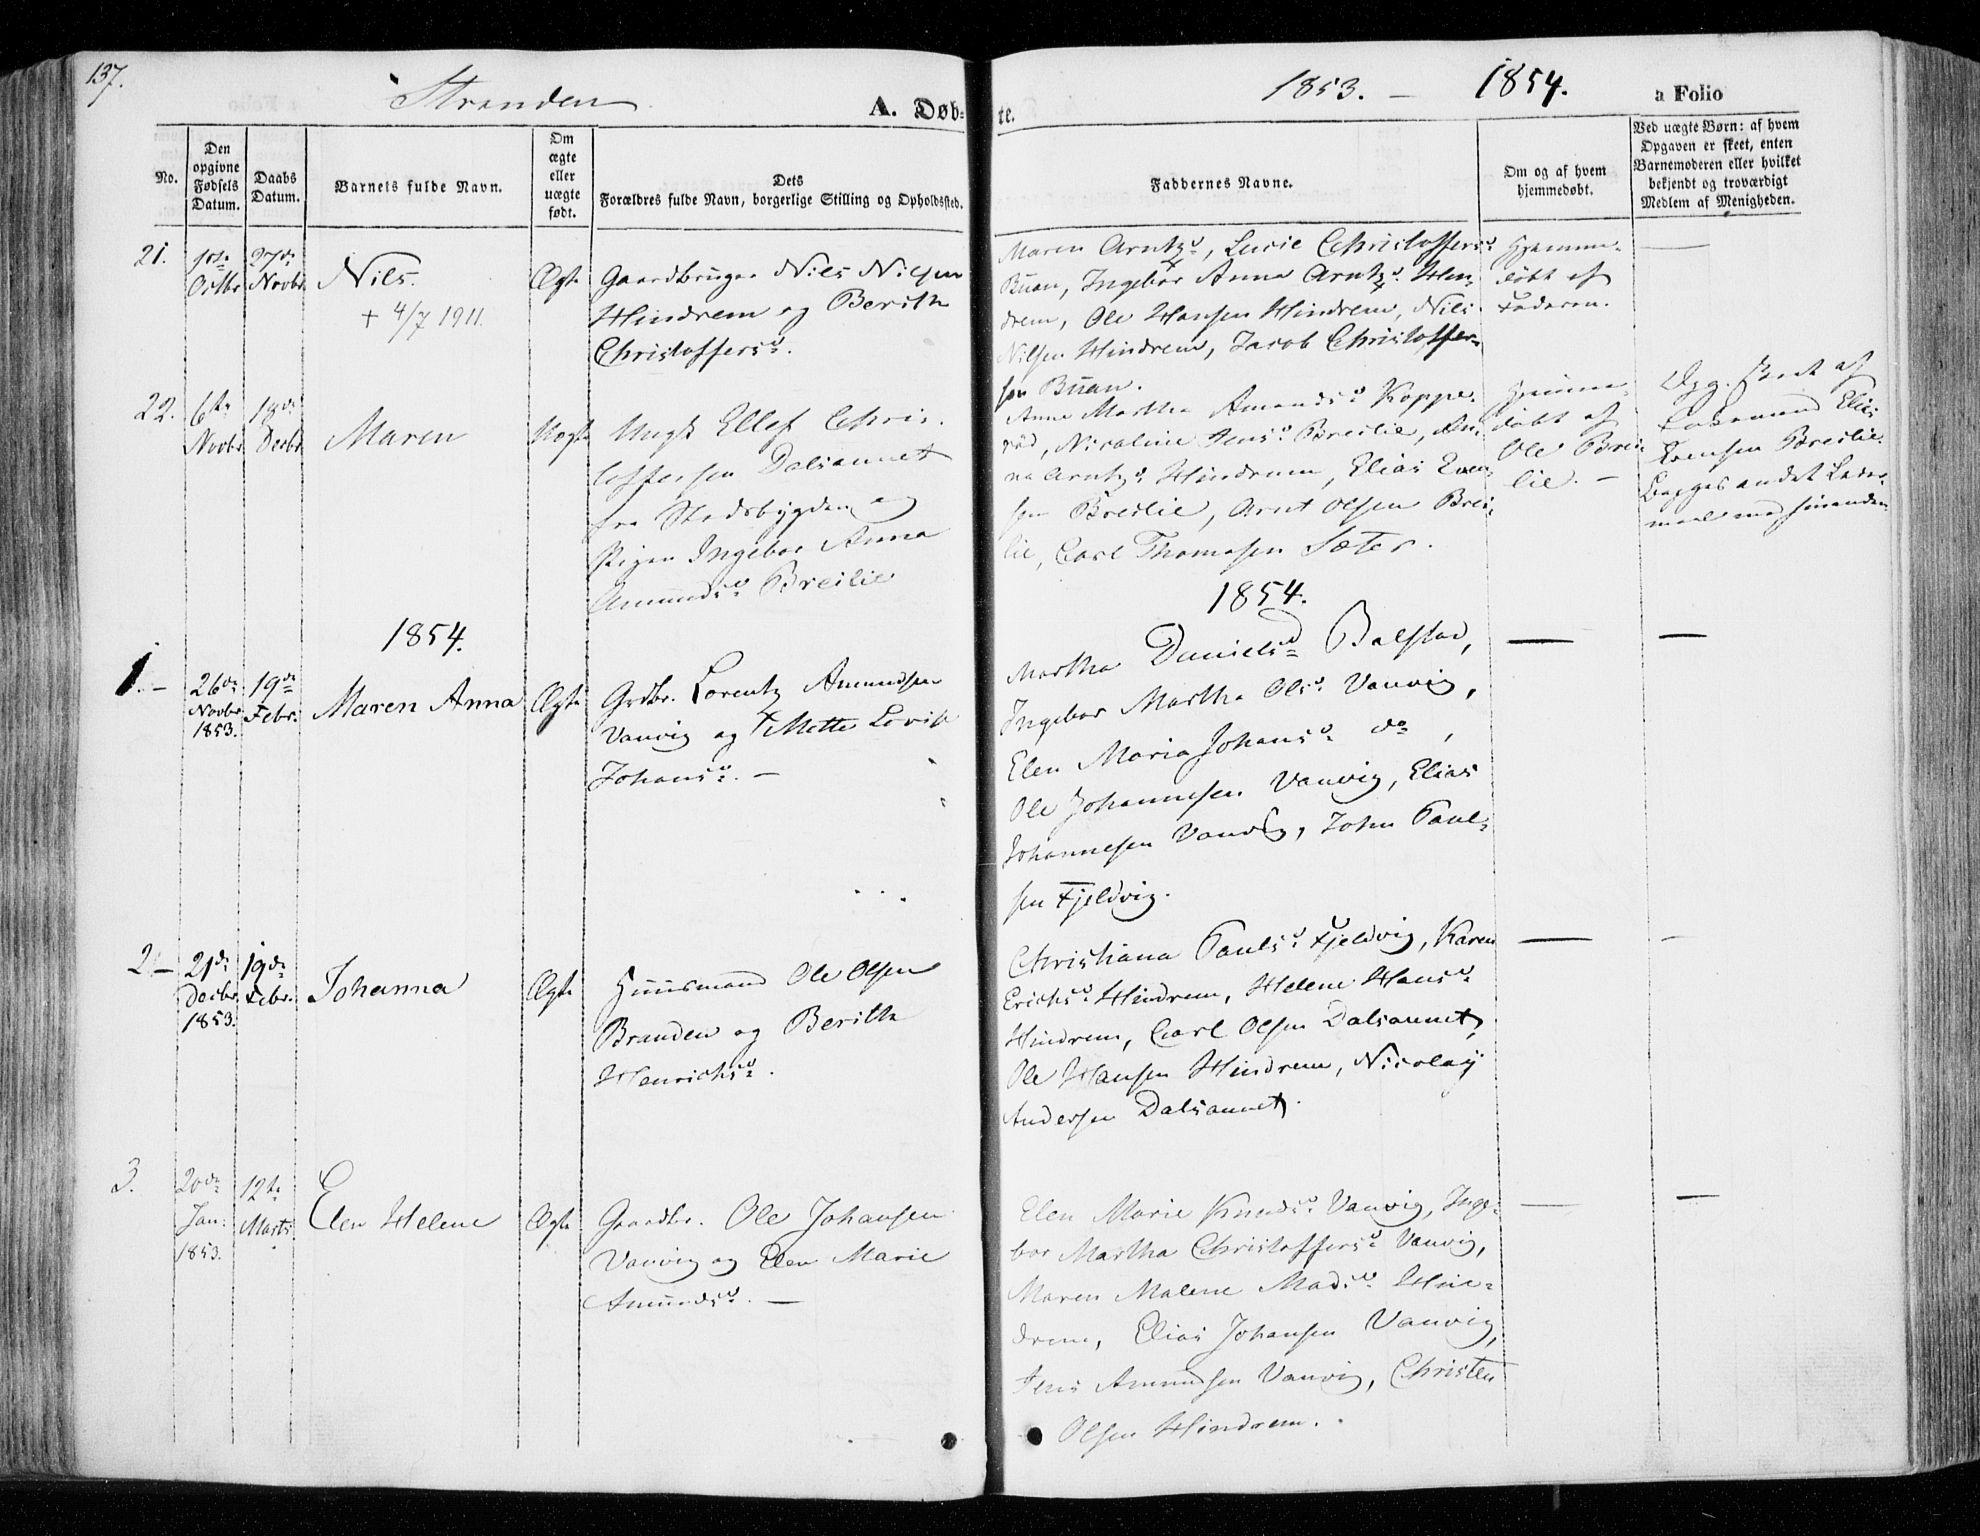 SAT, Ministerialprotokoller, klokkerbøker og fødselsregistre - Nord-Trøndelag, 701/L0007: Ministerialbok nr. 701A07 /2, 1842-1854, s. 137